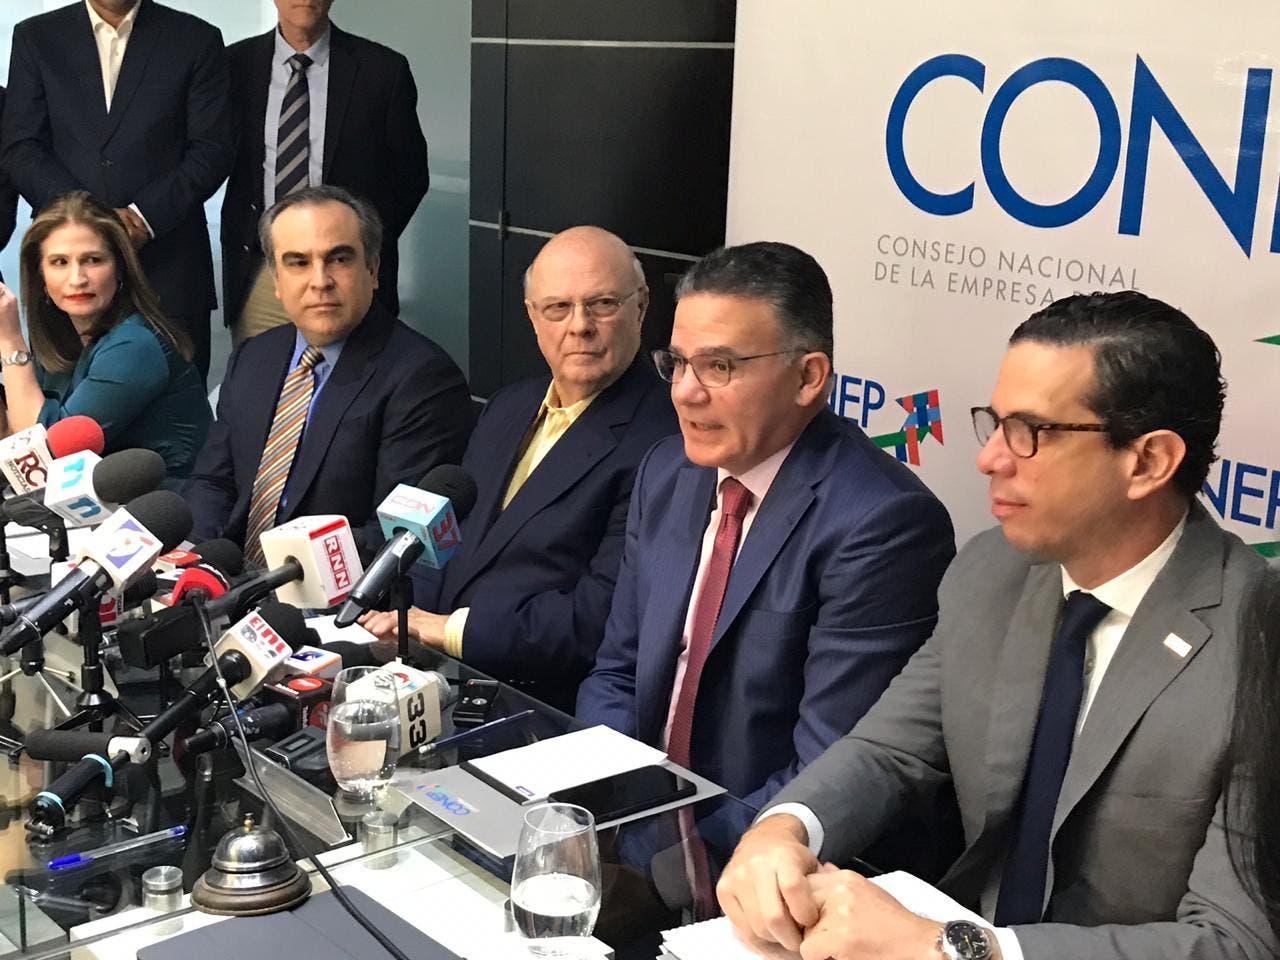 Conep está preocupado por auge del narcotráfico y la delincuencia en el país